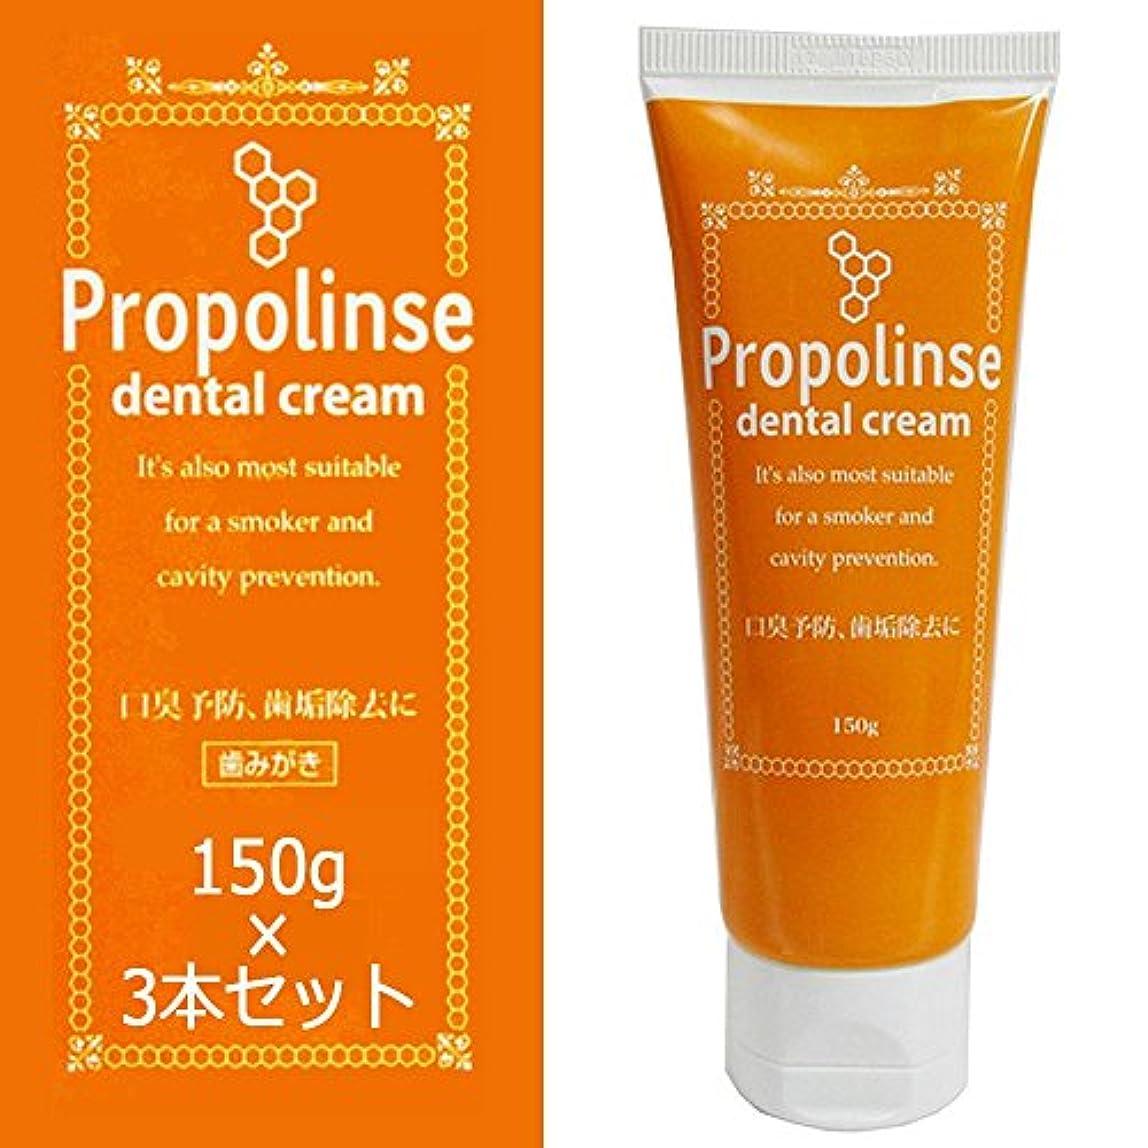 塩辛い擬人化たくさんのプロポリンス デンタルクリーム(歯みがき) 150g×3個セット